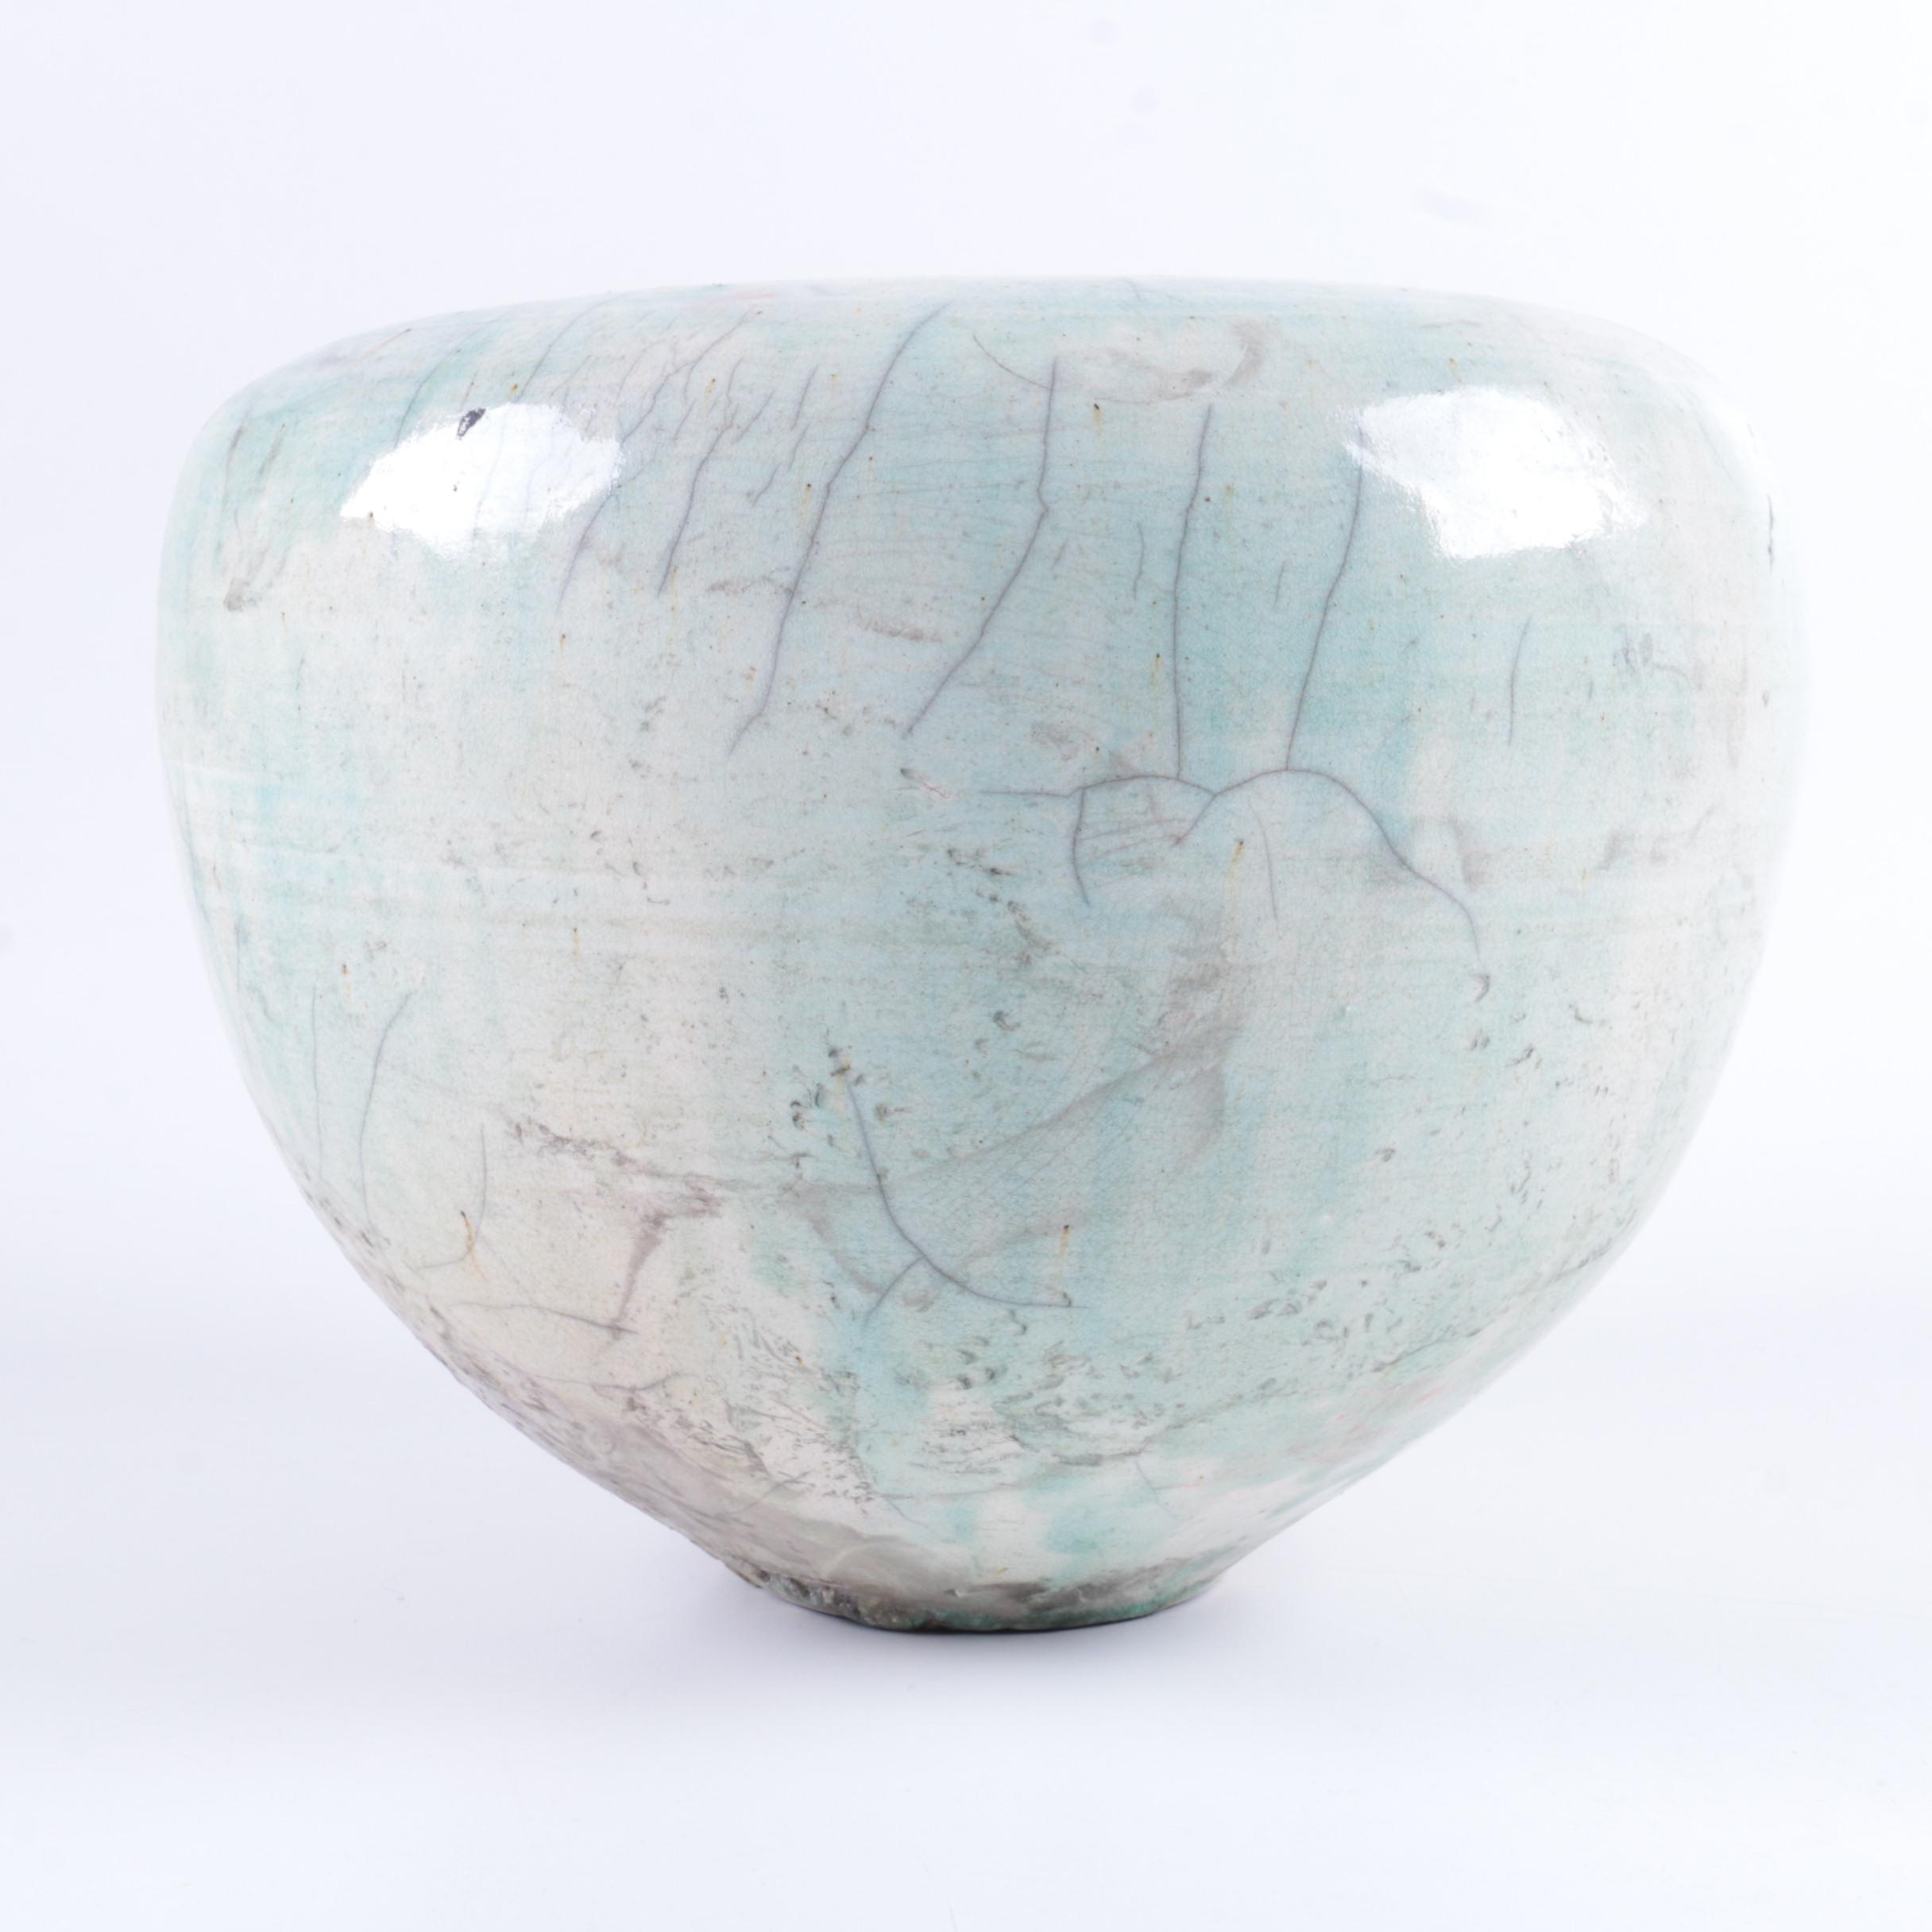 Hand Thrown Stoneware Raku Fired Vase